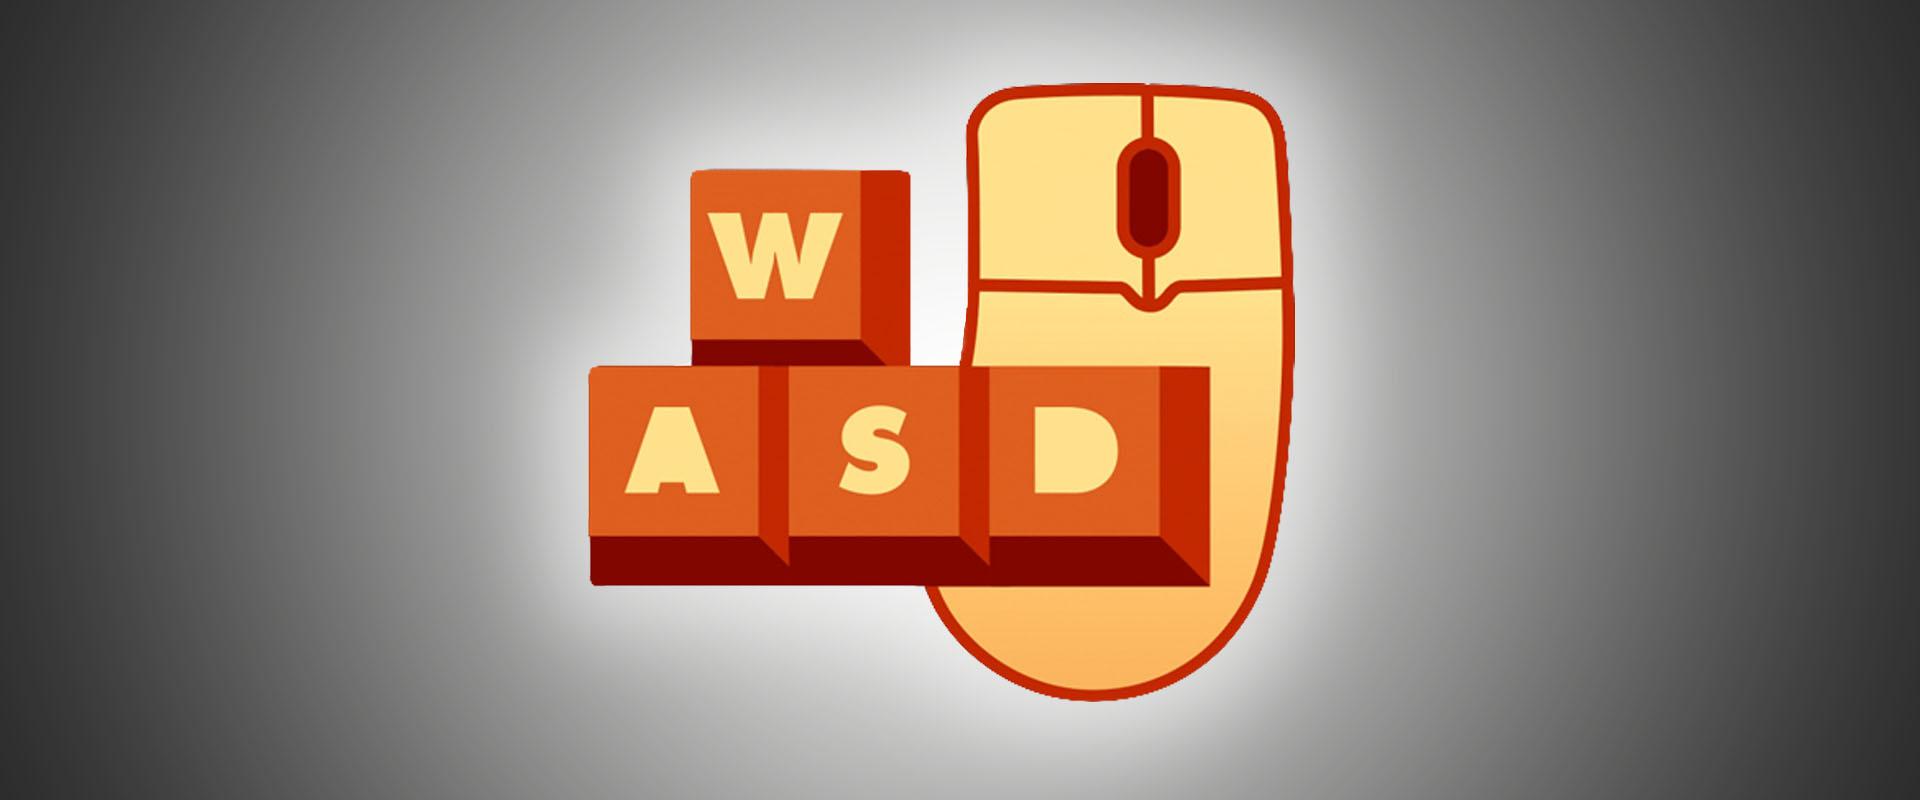 WASD története 🕵️ 🕹️ 💡